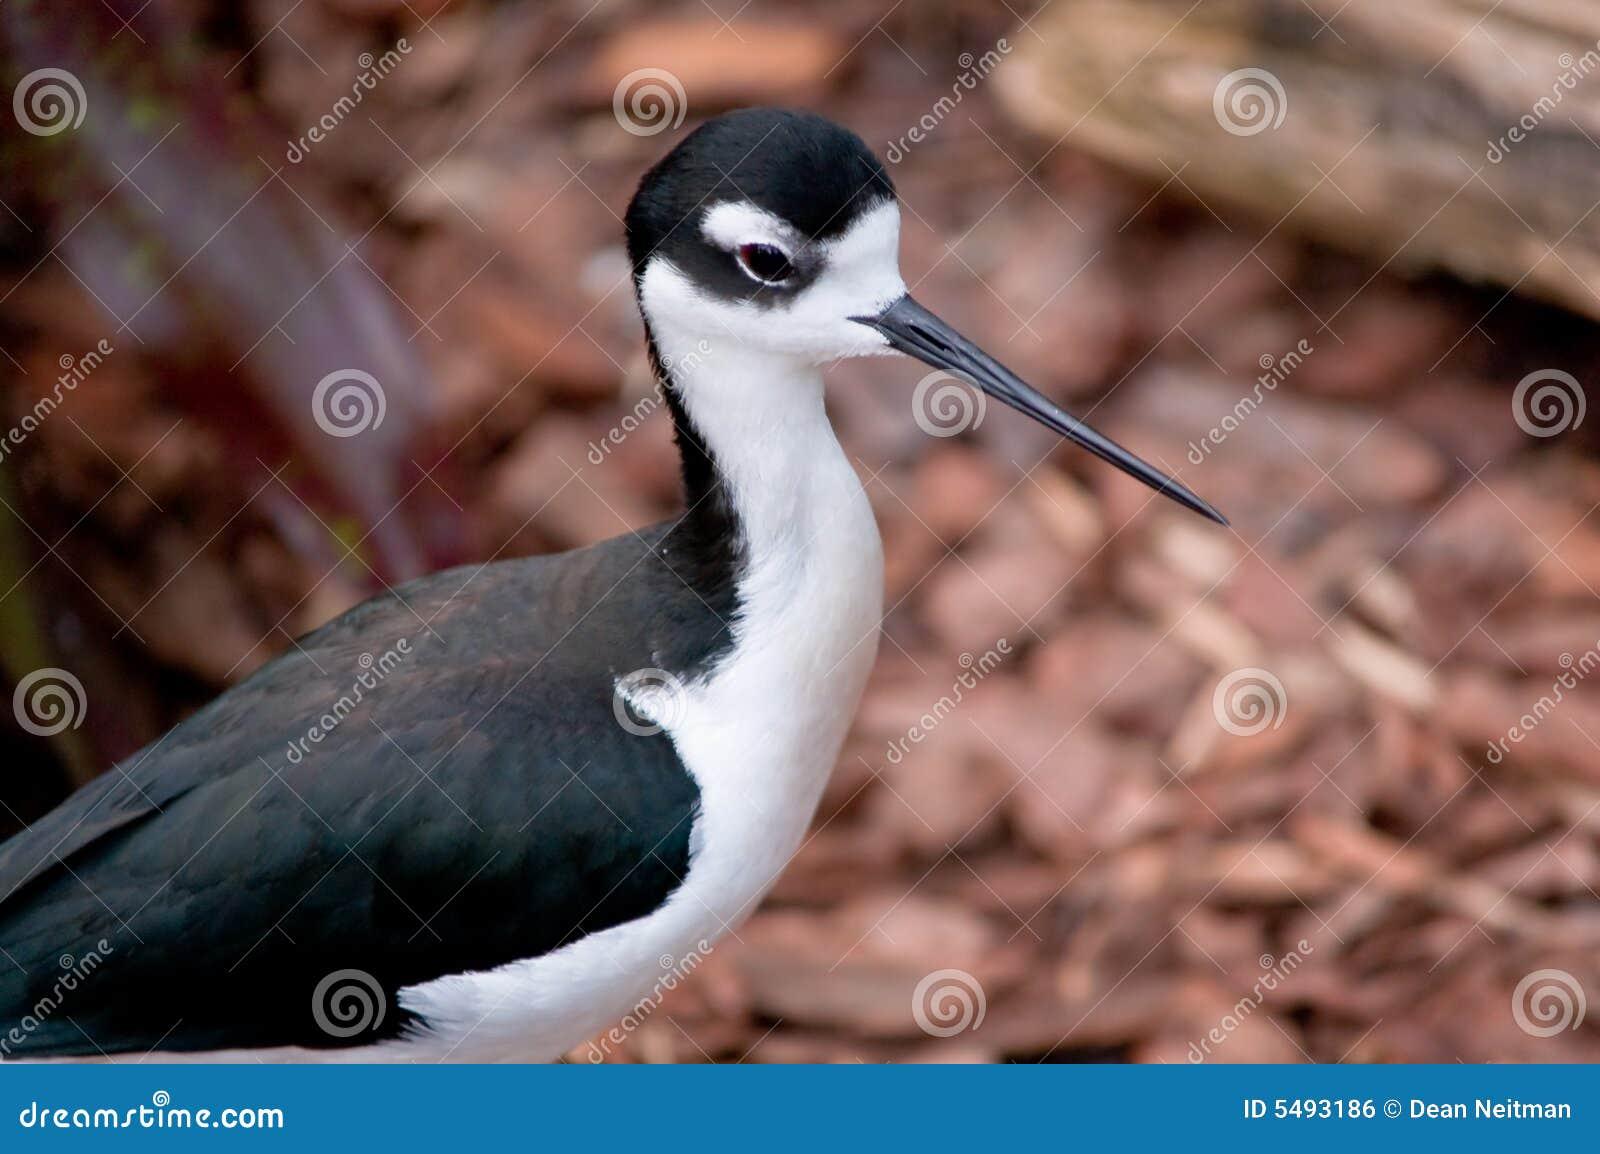 Oiseau avec le long bec image libre de droits image 5493186 for Oiseau a long bec